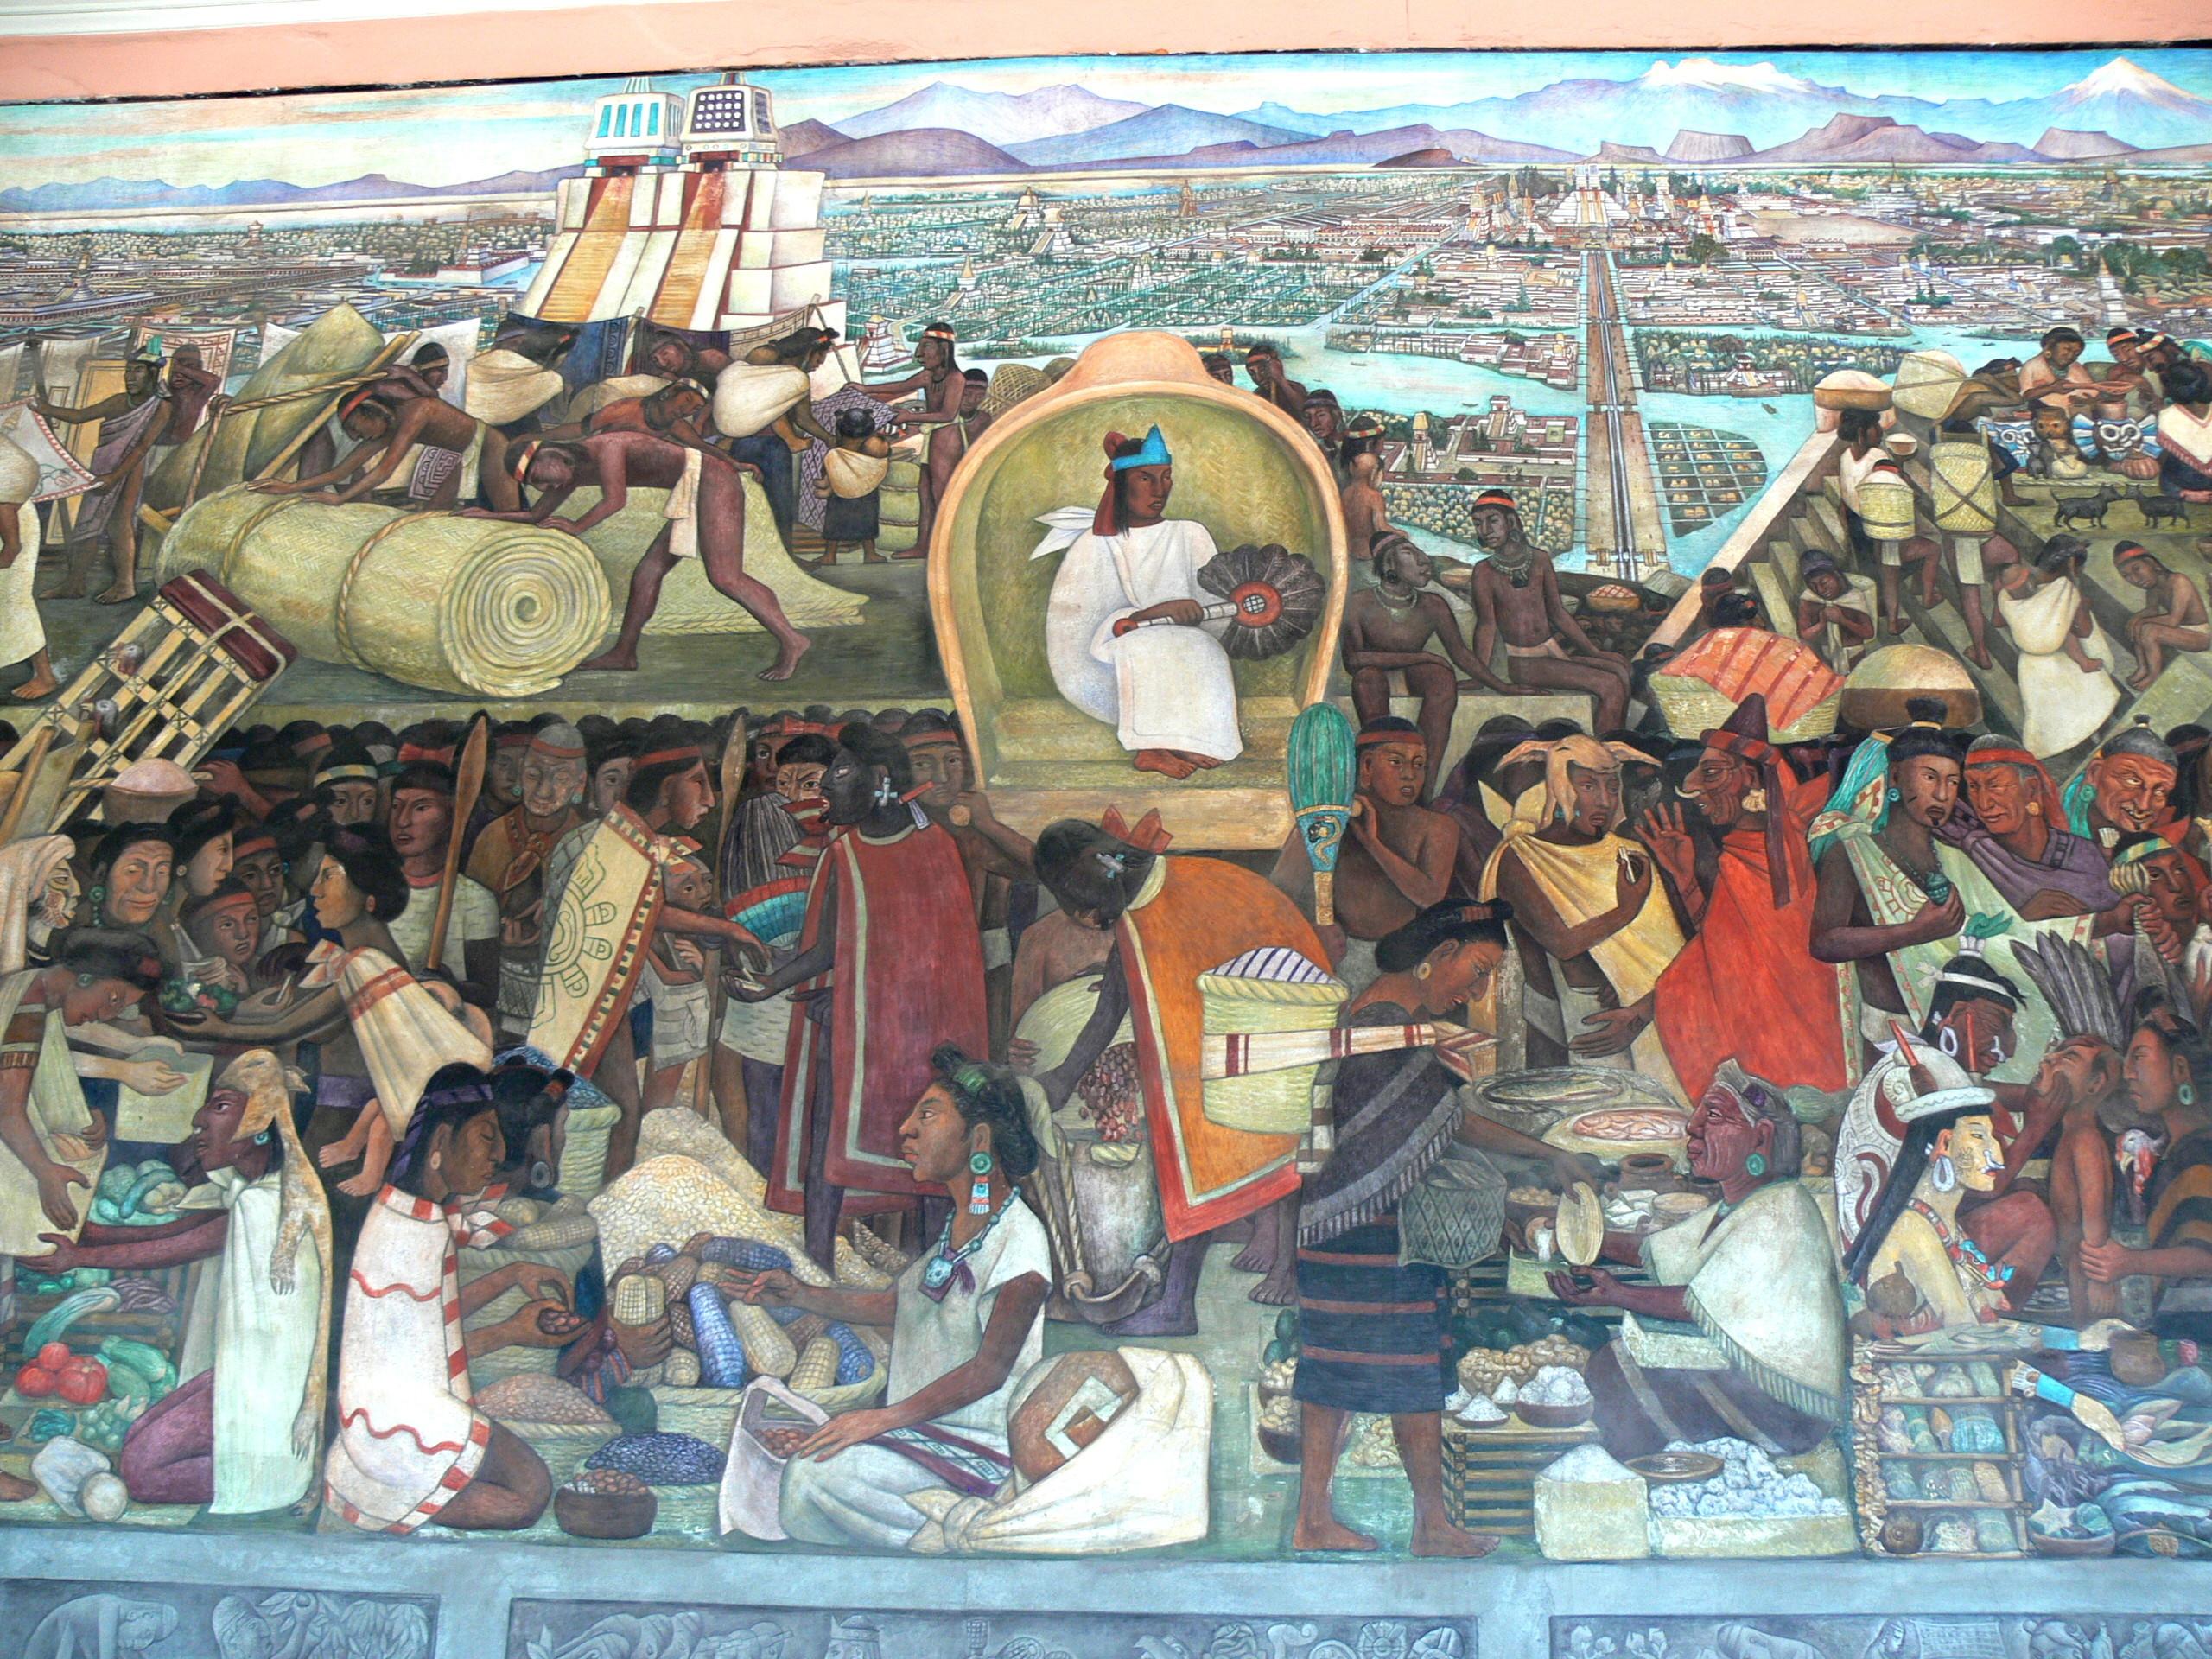 Res: 2560x1920, File:Murales Rivera - Markt in Tlatelolco 1.jpg